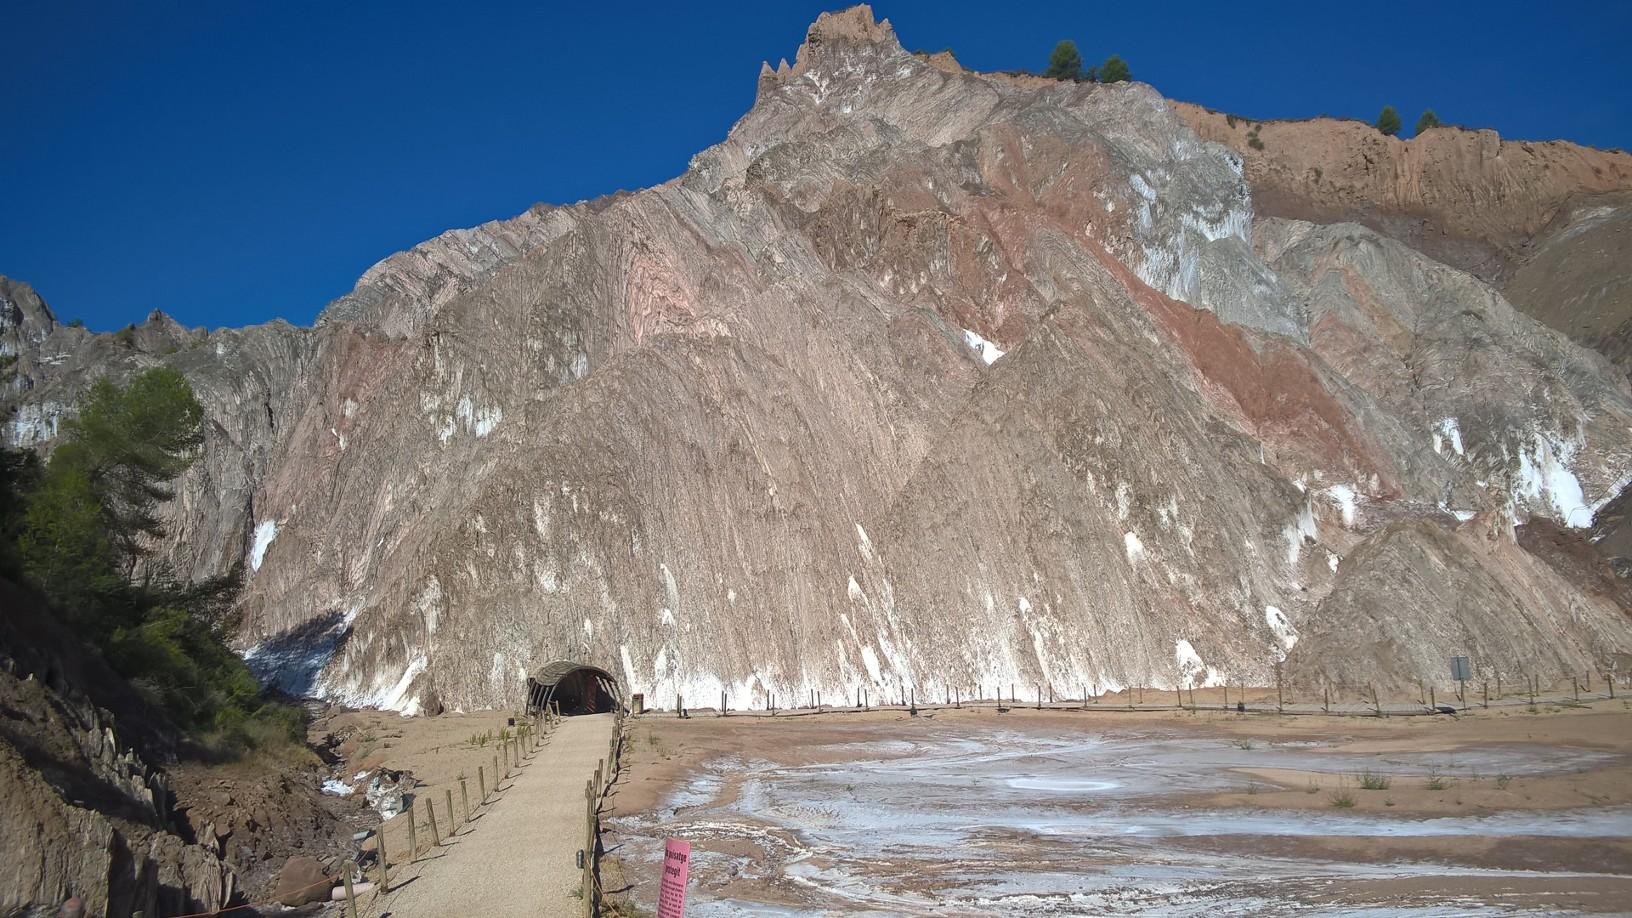 La montagne de sel